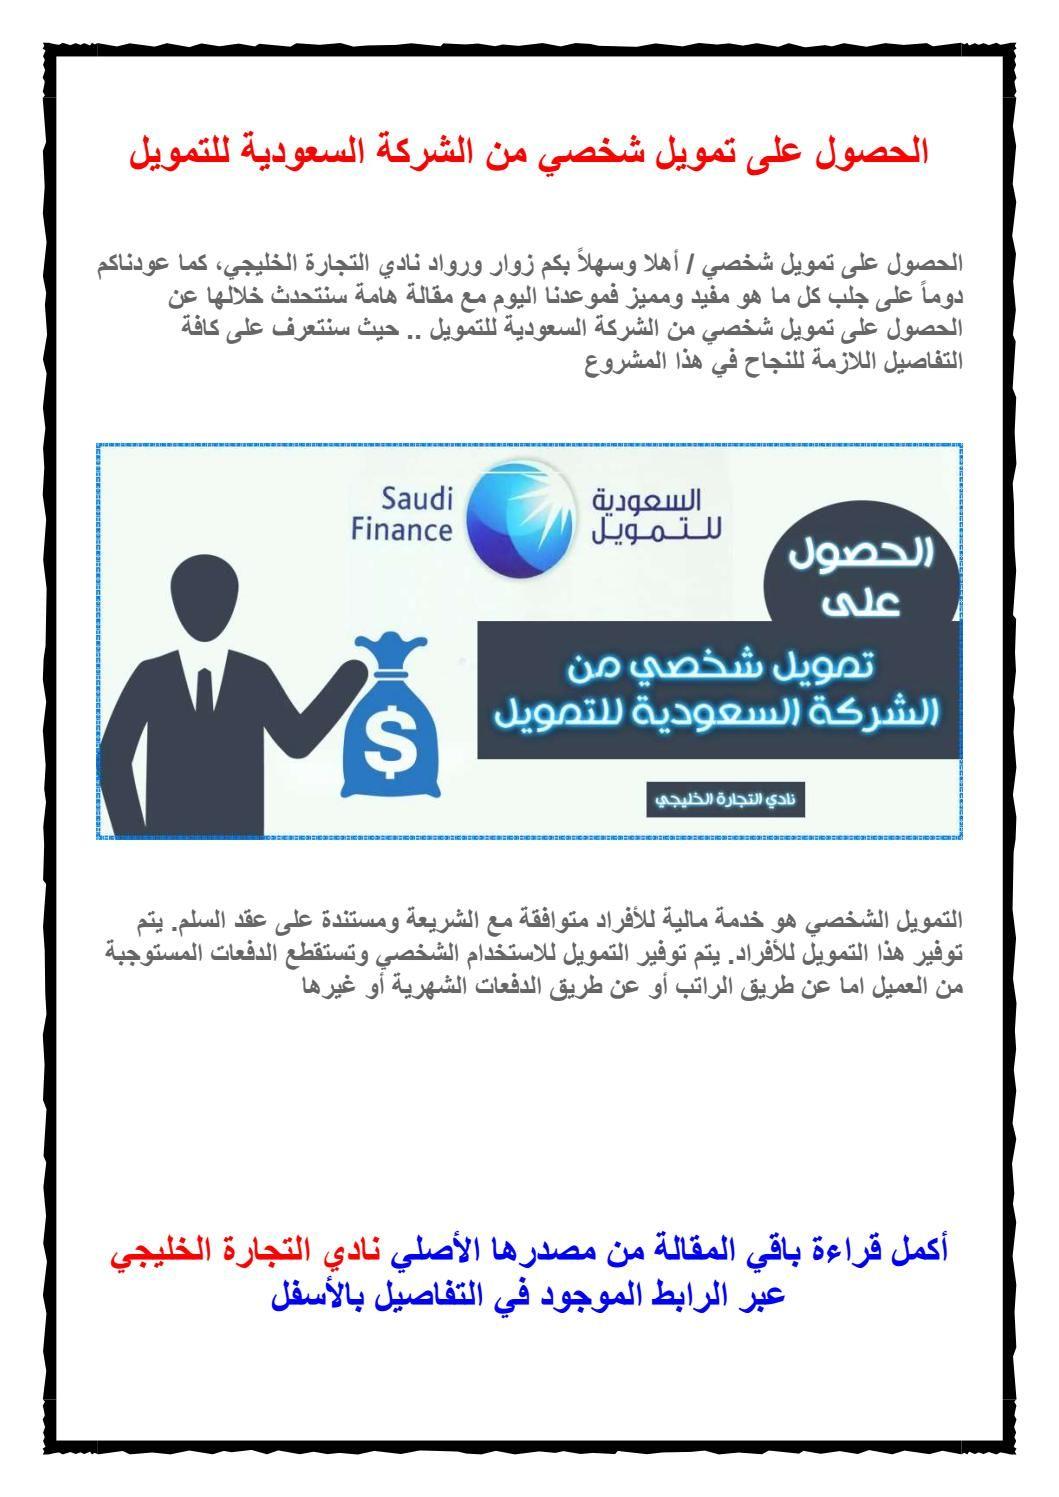 الحصول على تمويل شخصي من الشركة السعودية للتمويل Microsoft Word Document Words Microsoft Word